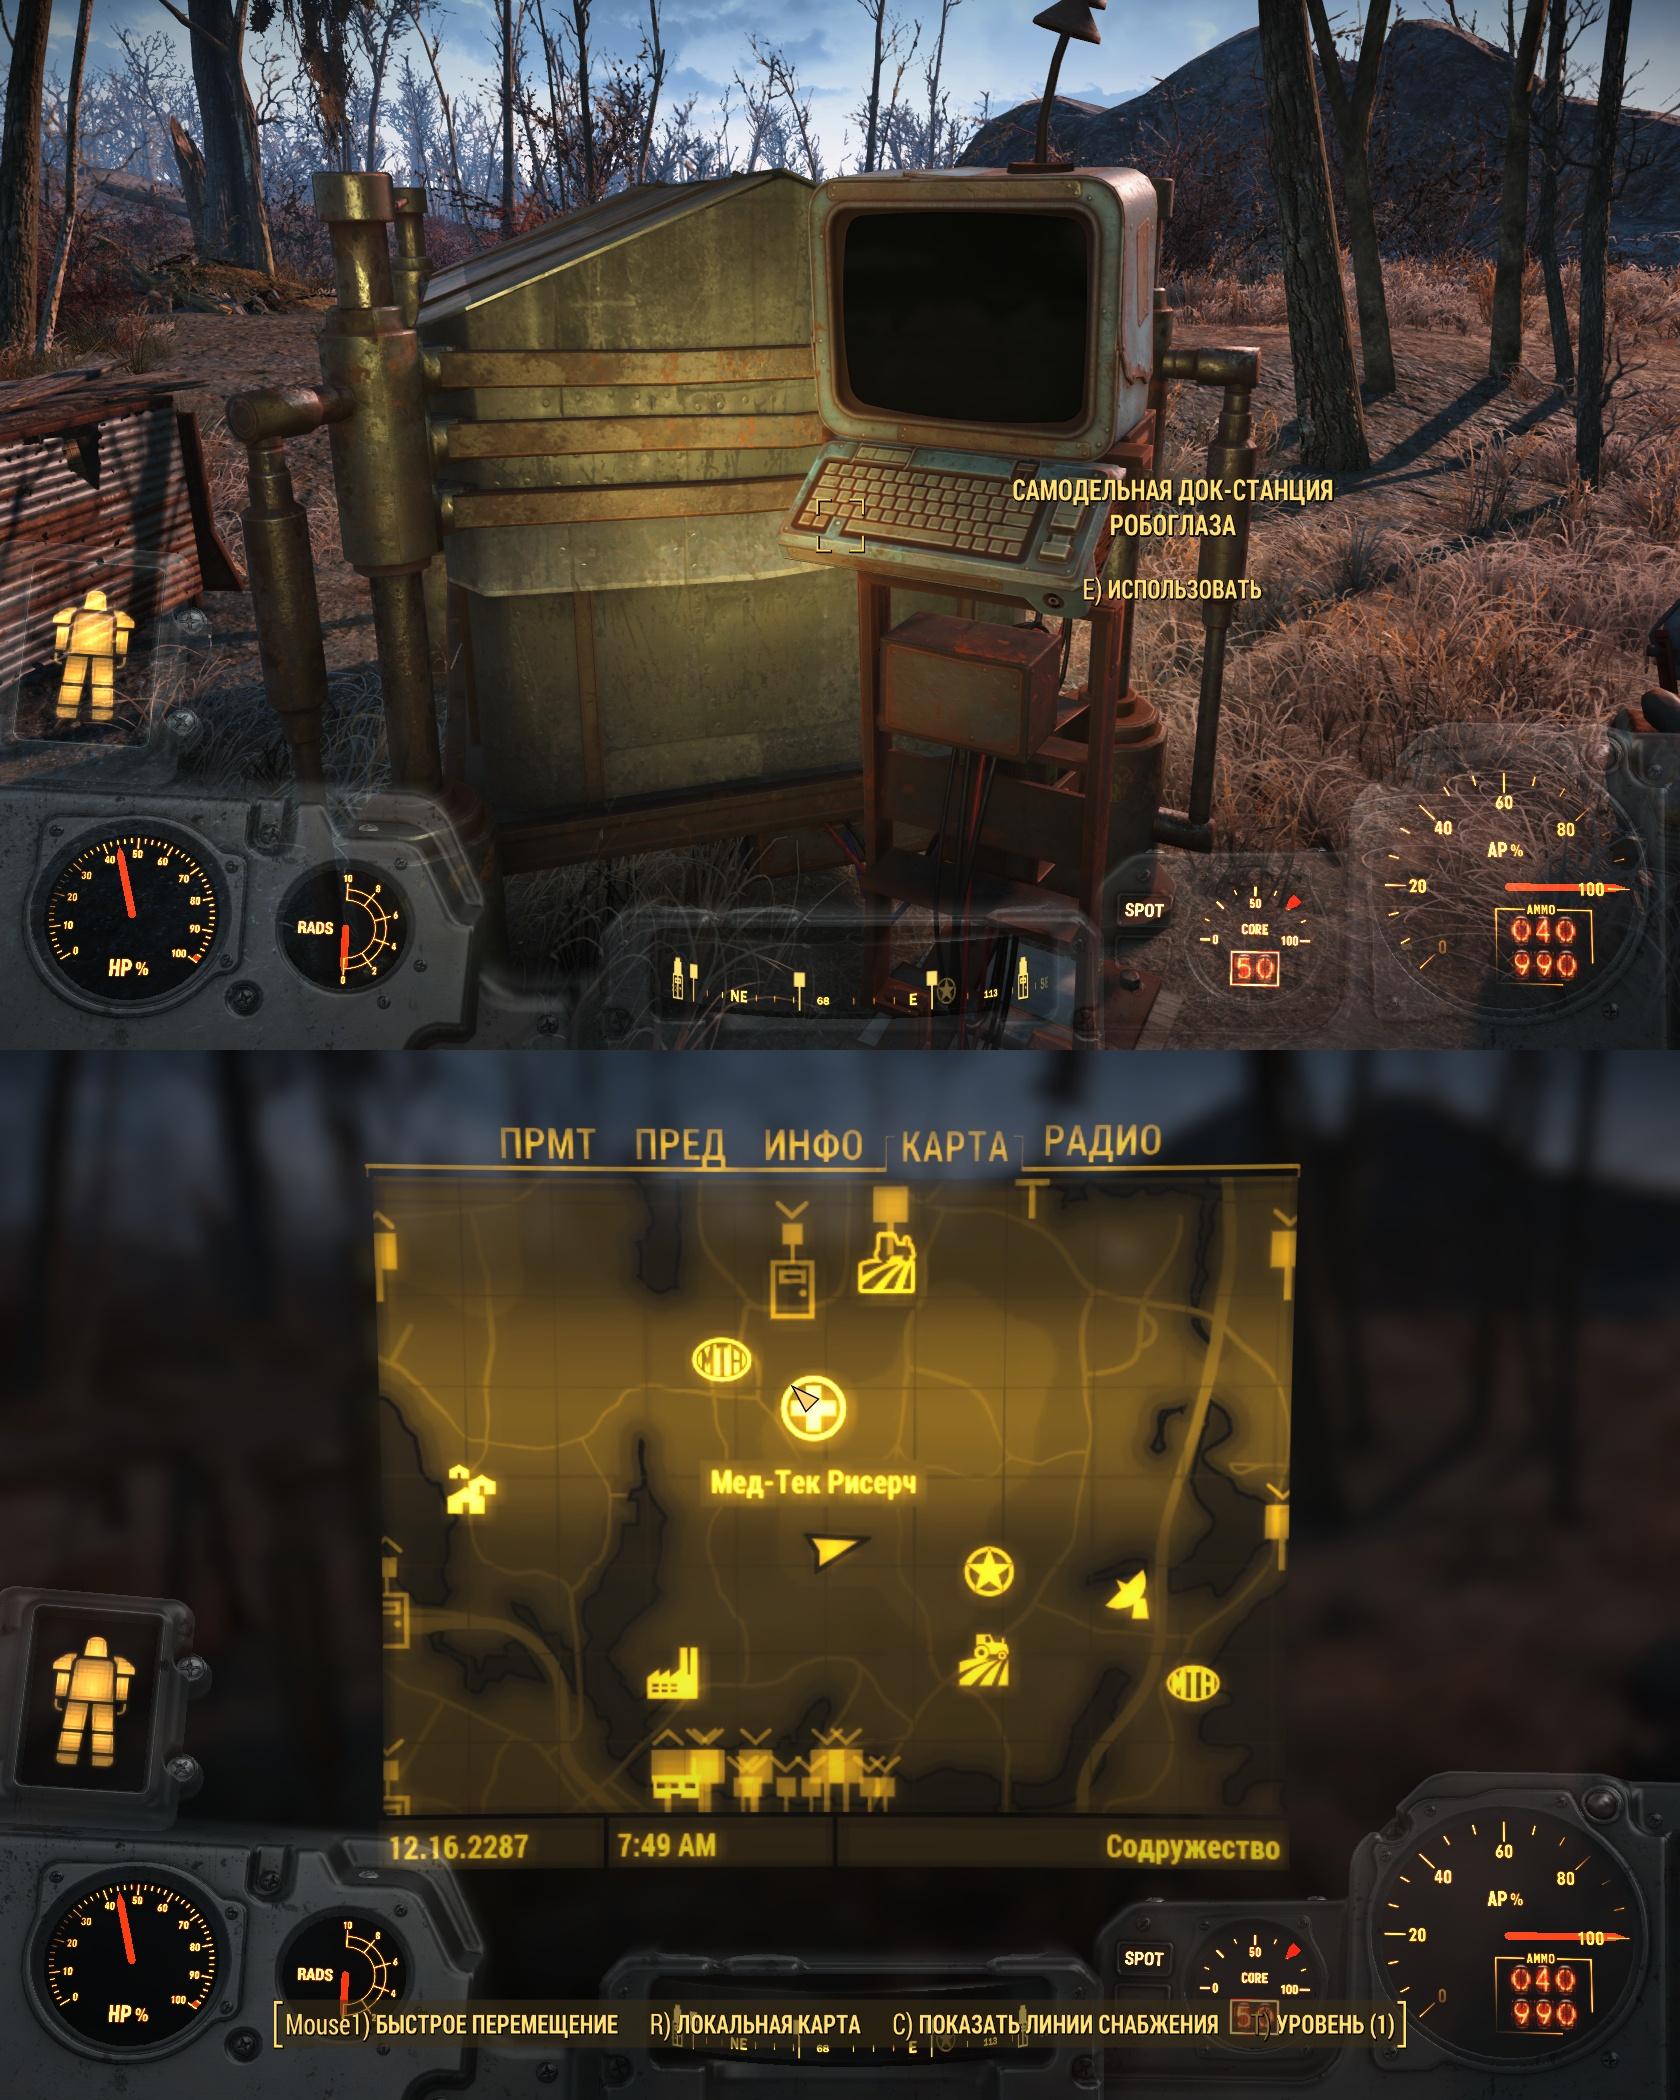 Самодельная док-станция робоглаза #4 - Fallout 4 Локация, Самодельная, станция